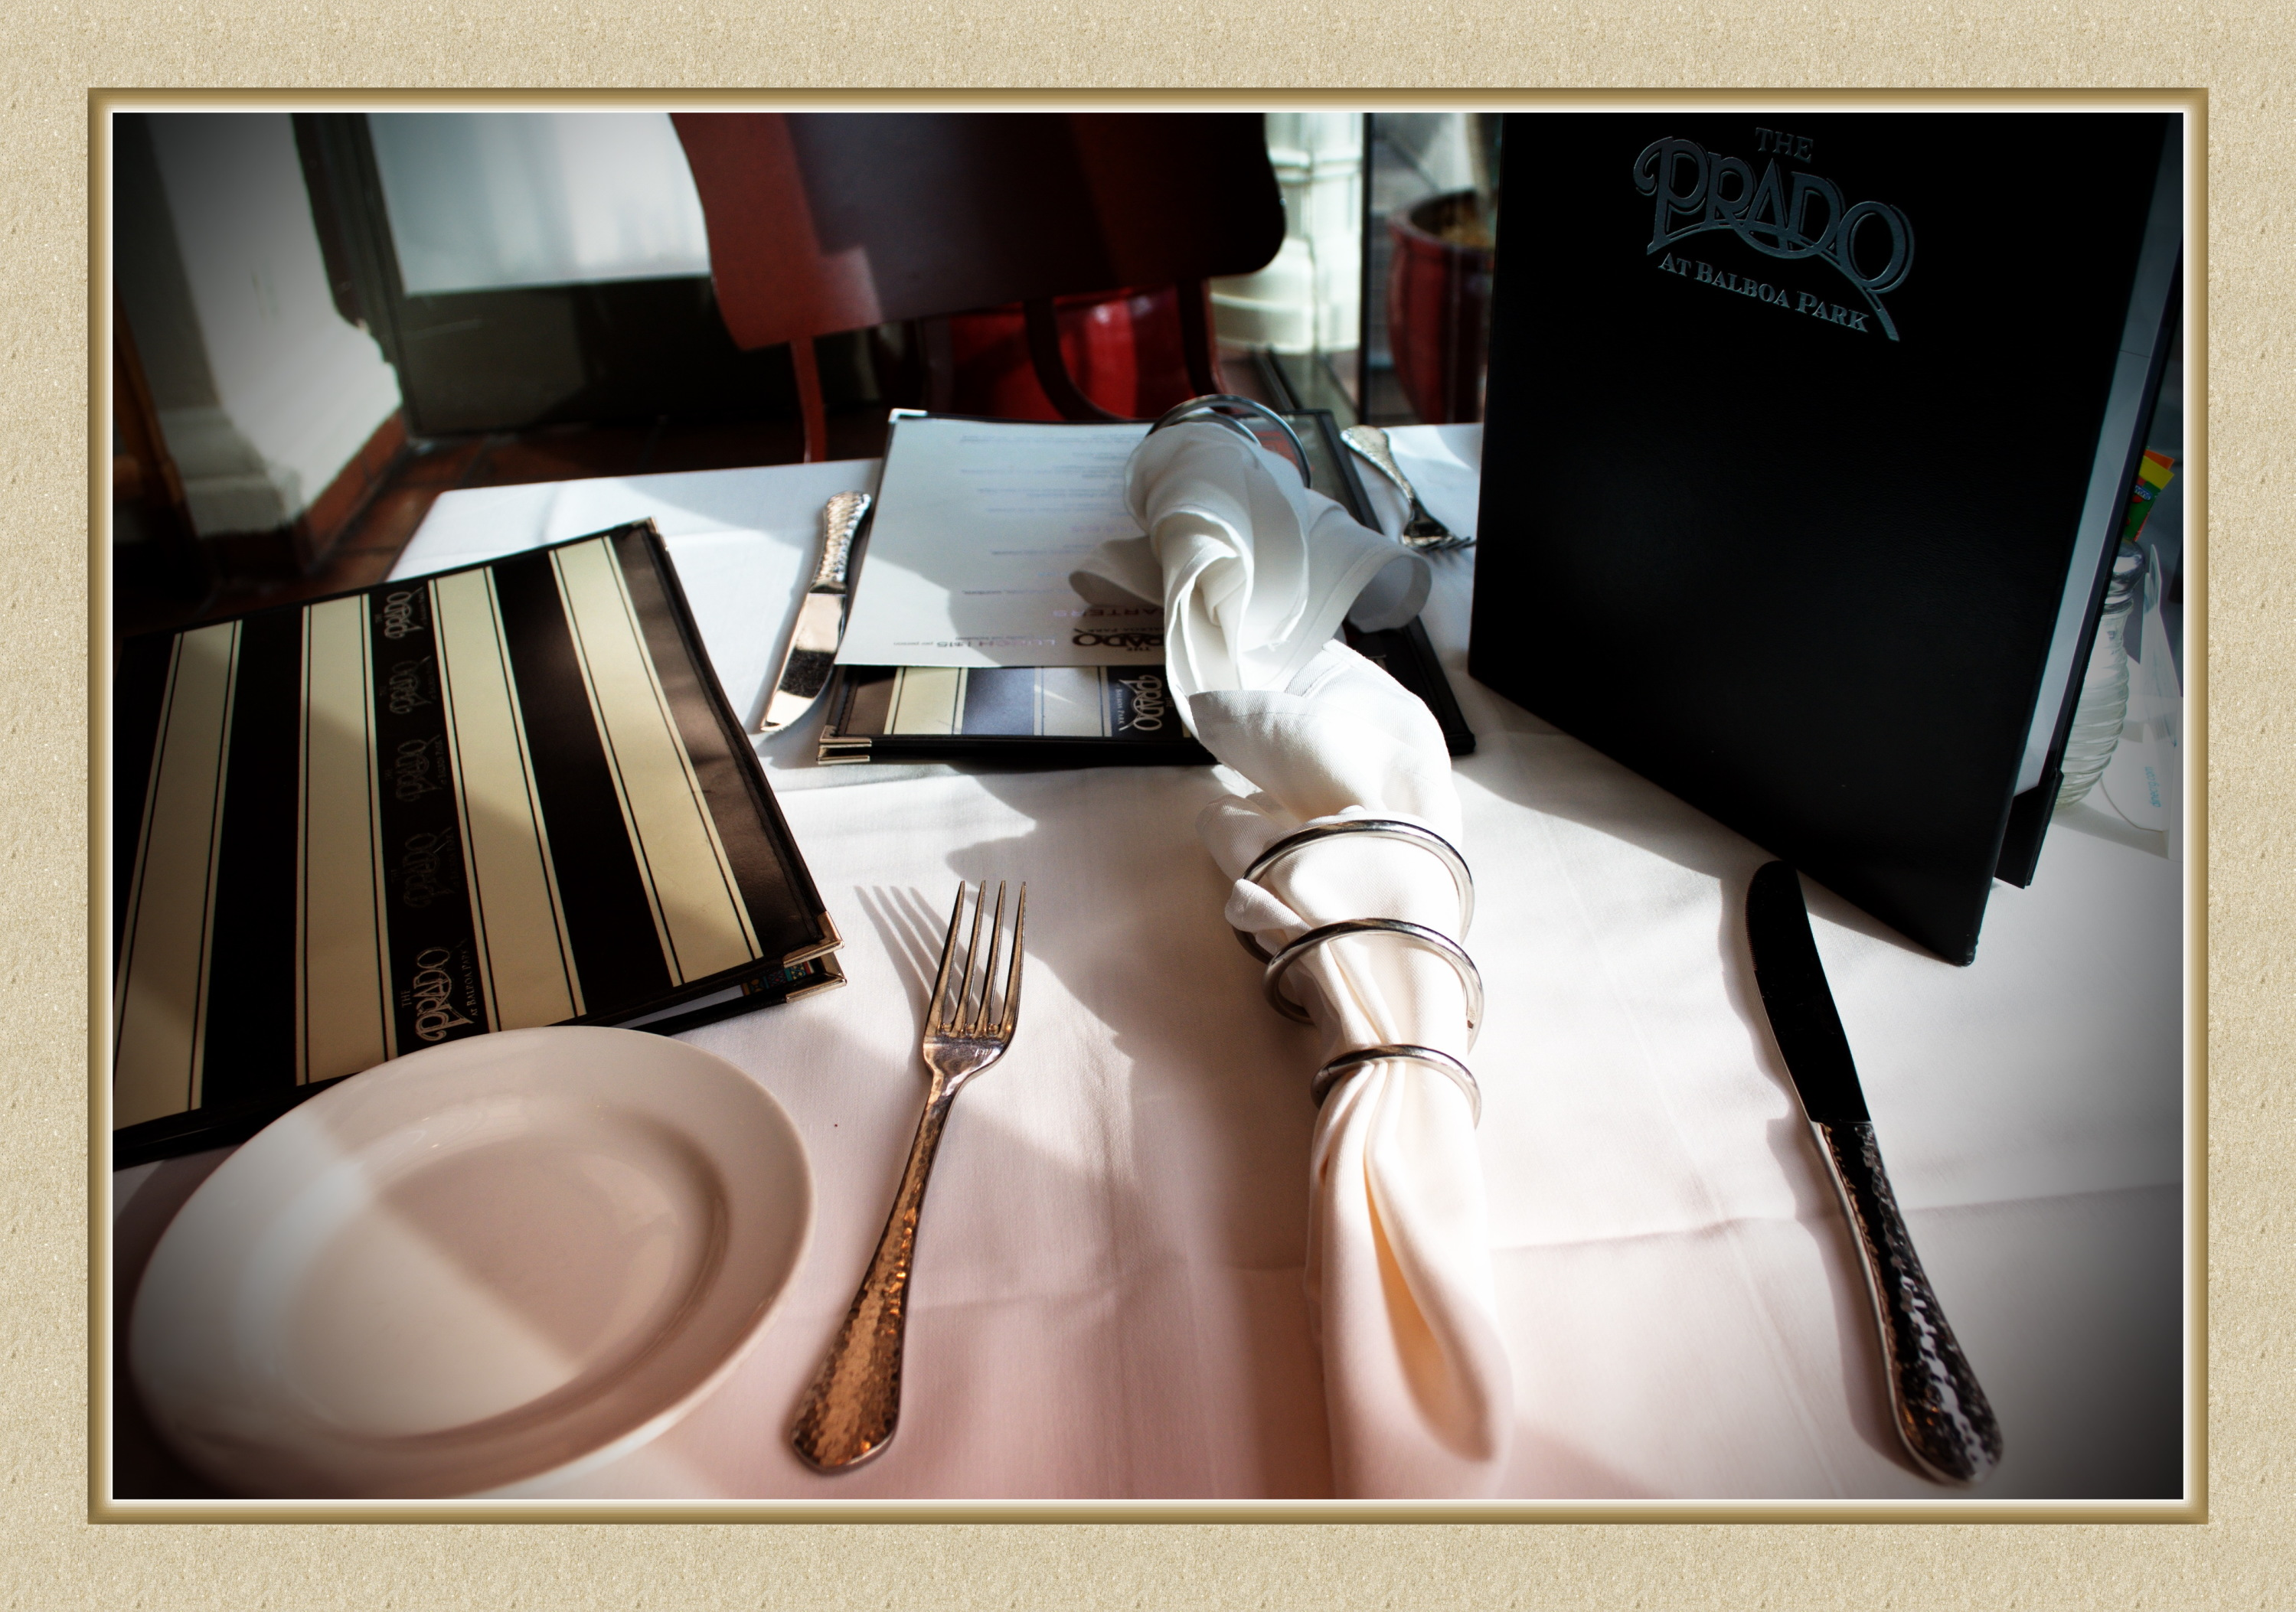 the prado, restaurants in san diego